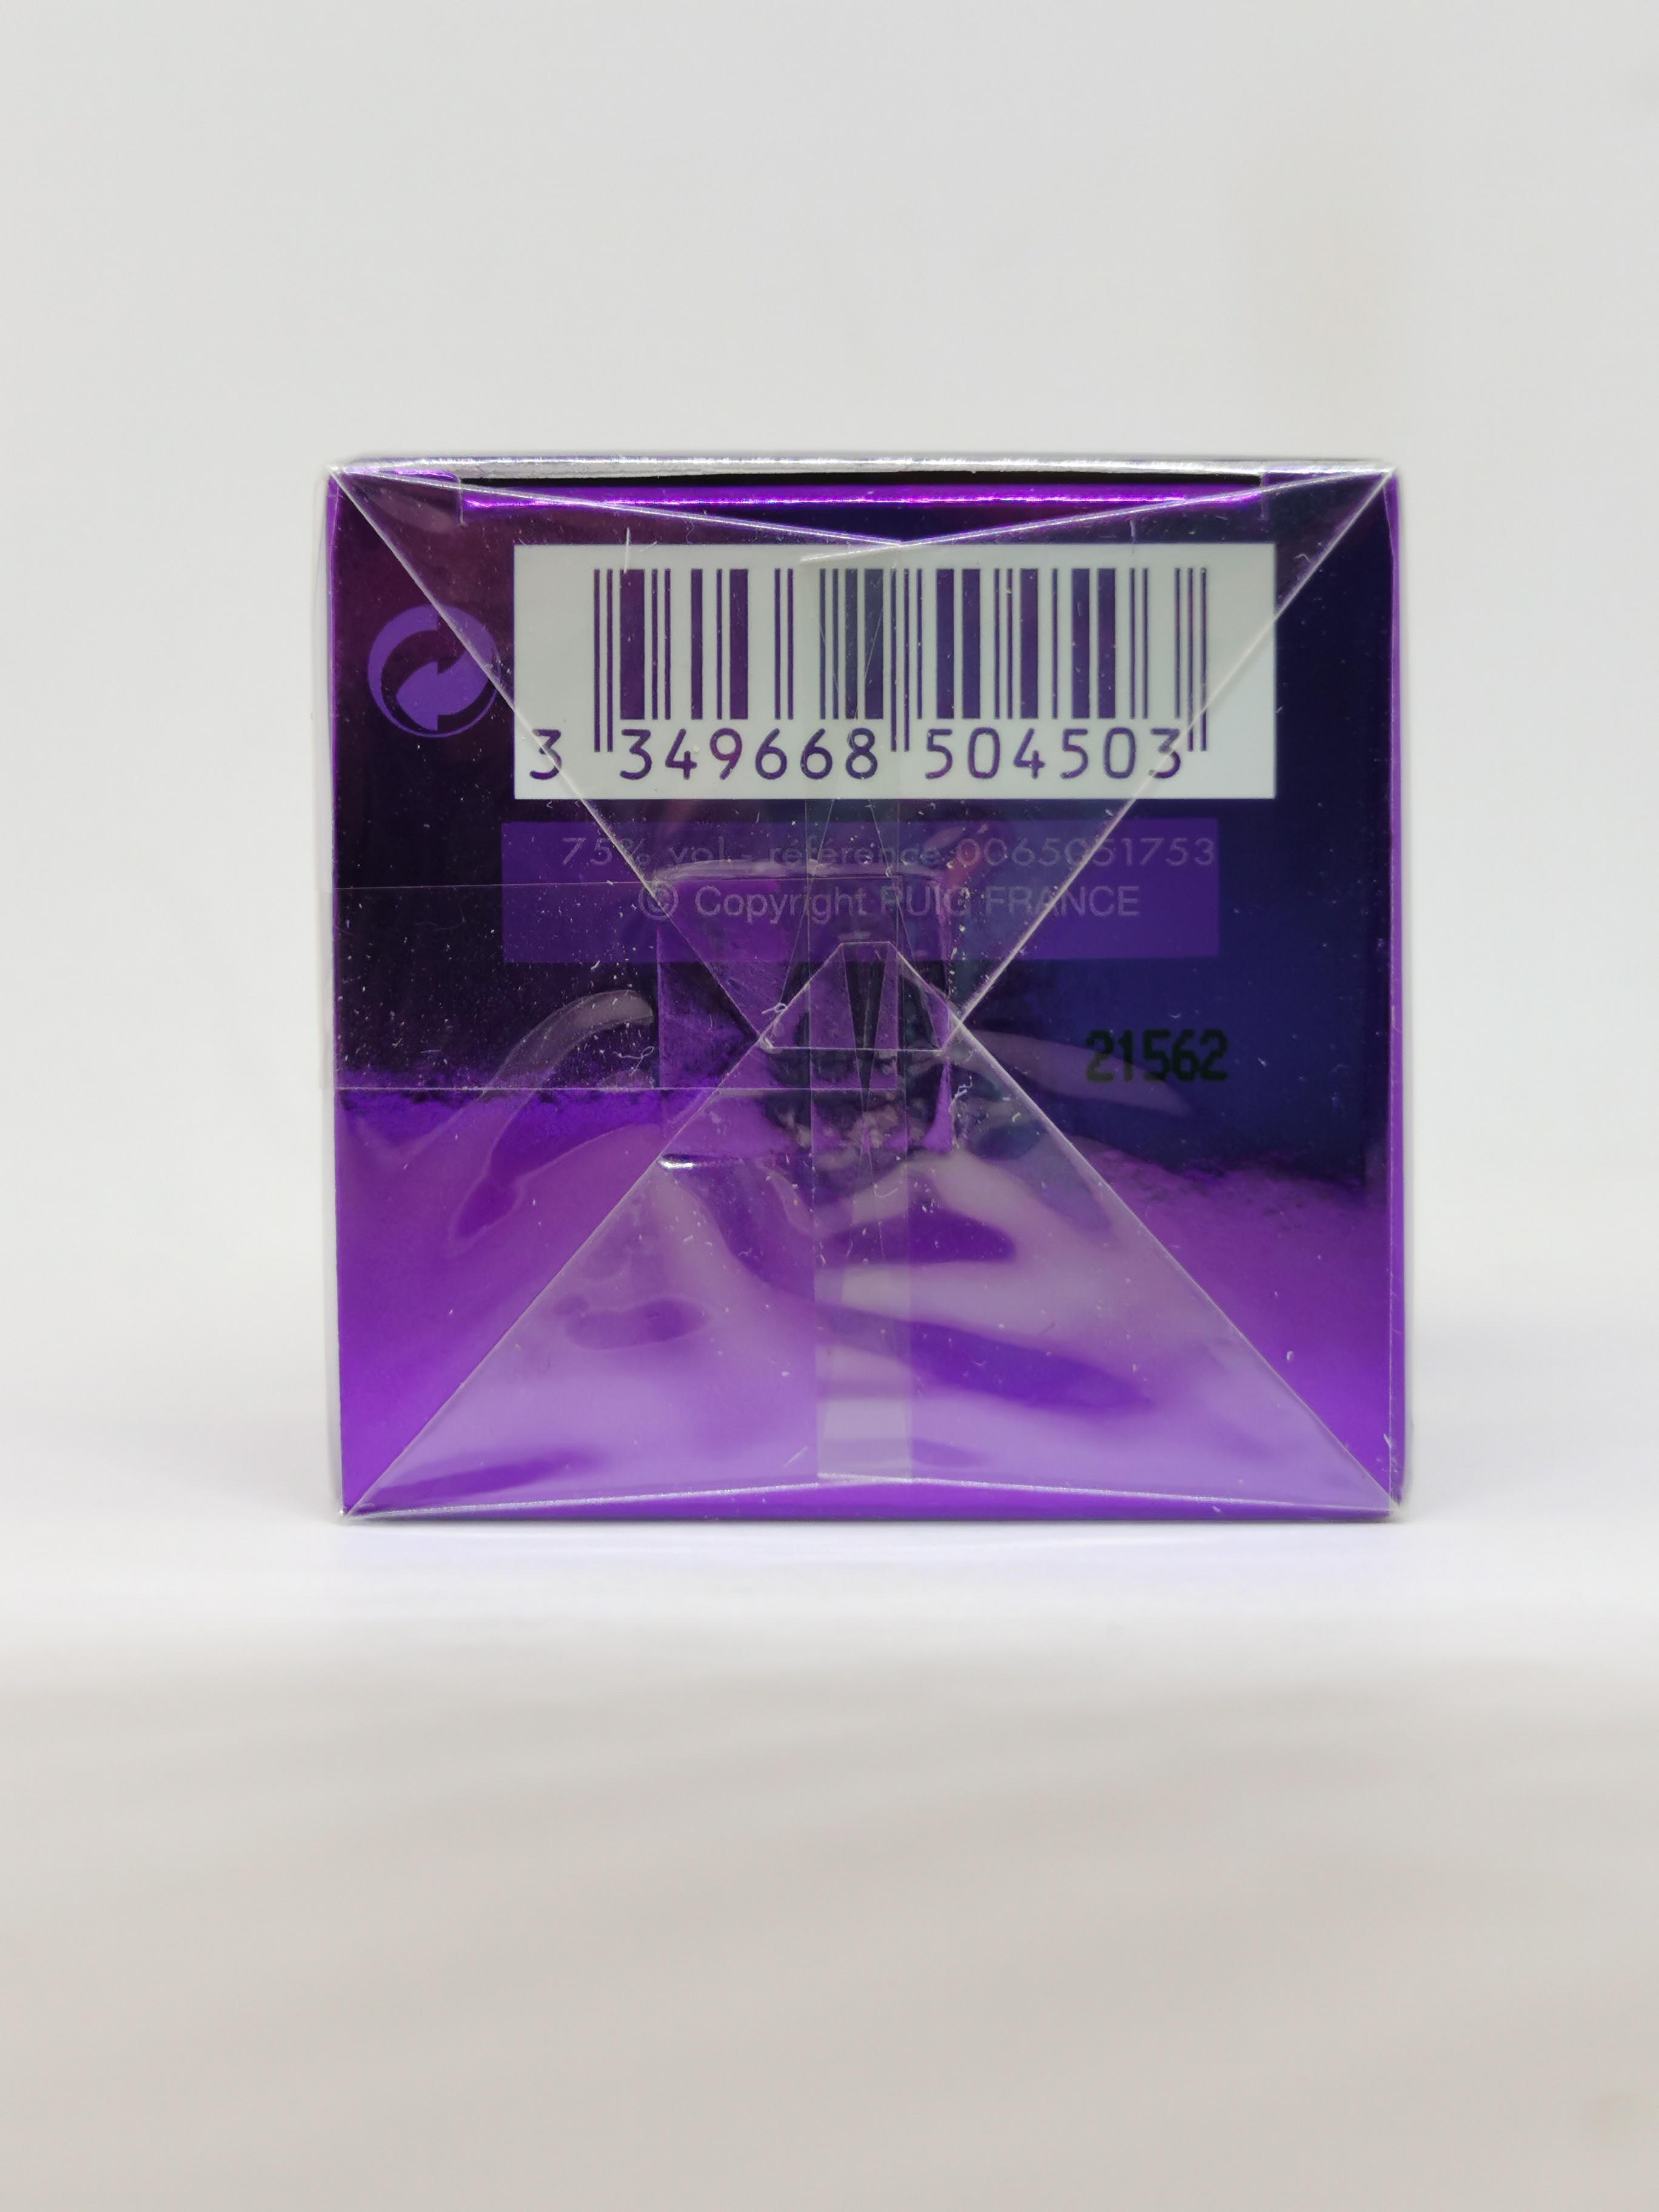 Парфюмерная вода 30 мл Paco Rabanne Ultraviolet - фото штрих-кода и батч-кода на коробке